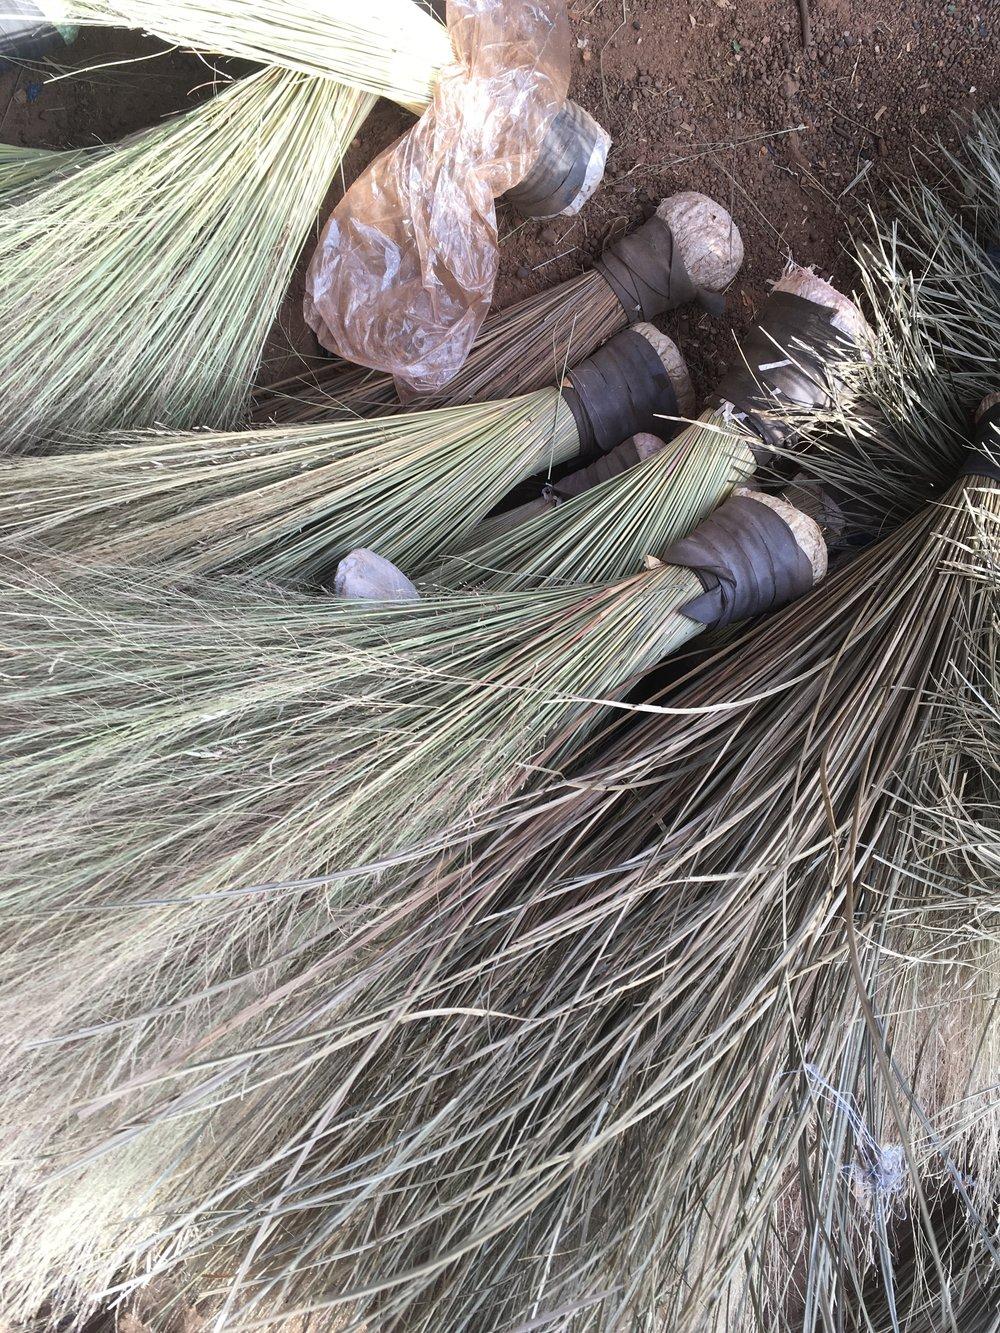 Brooms on sale!